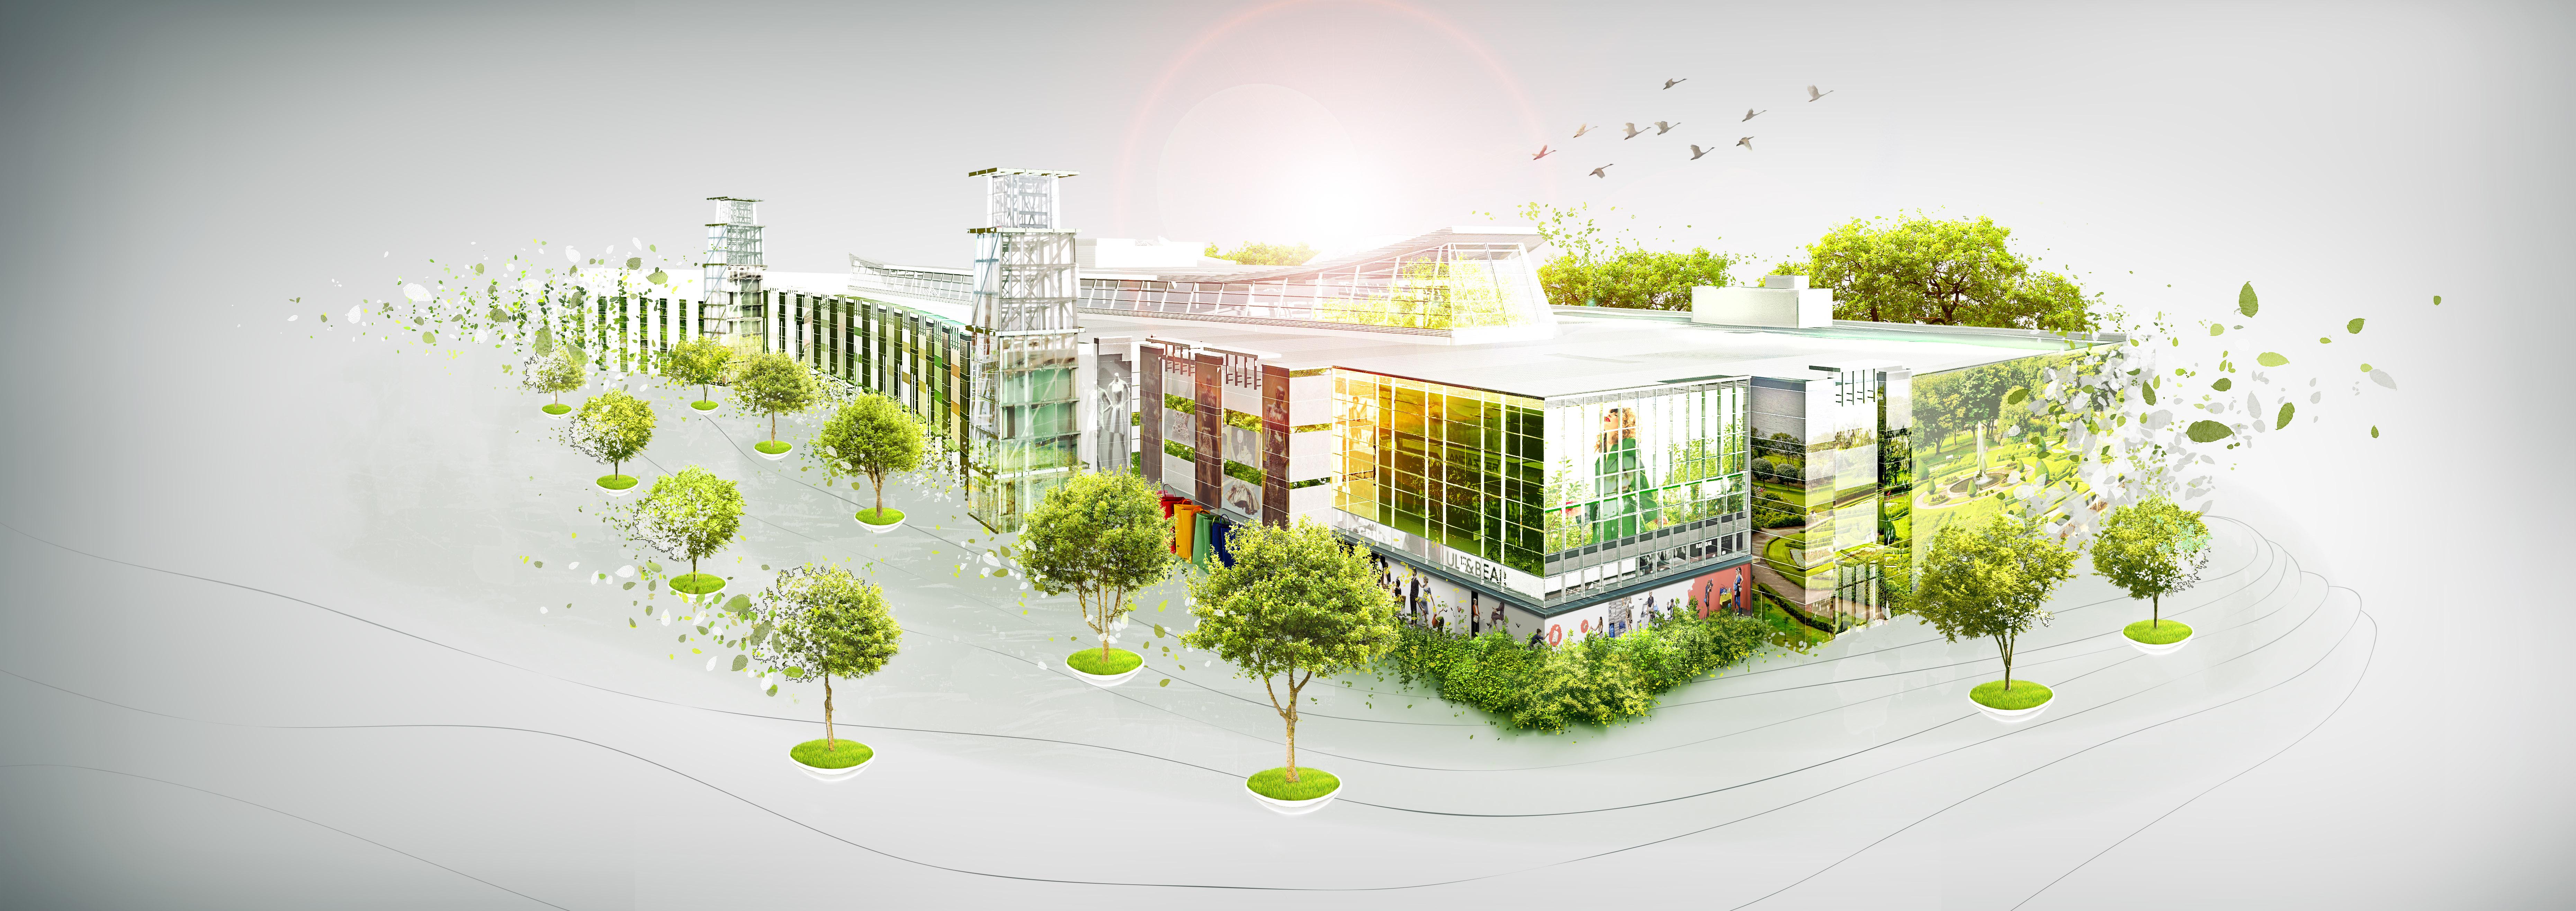 Vgarden conceptart1